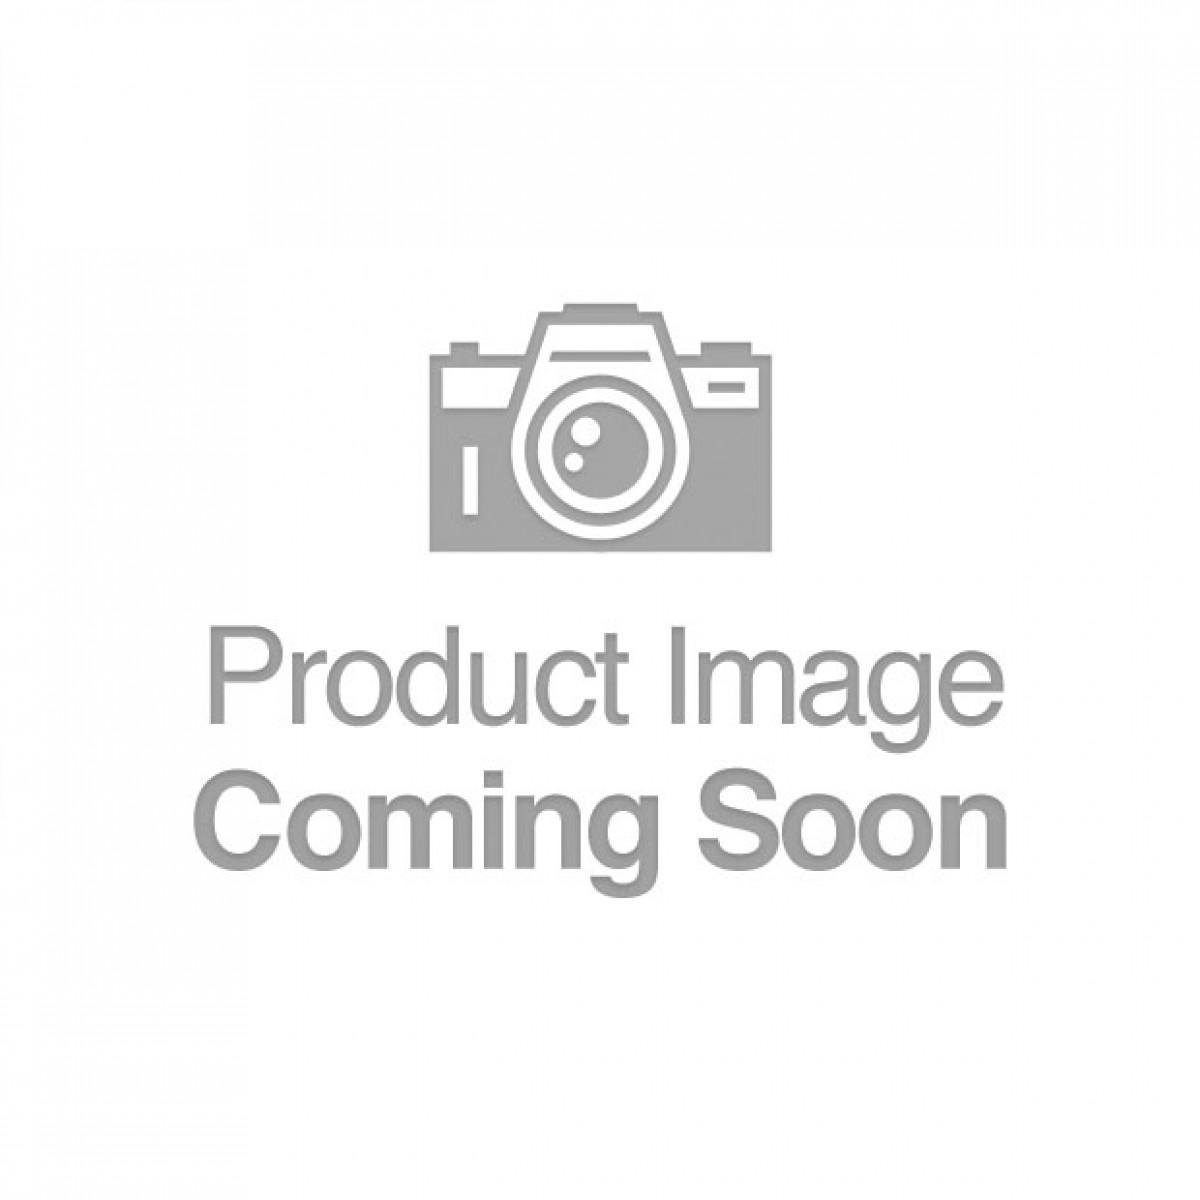 Optimum Series Rechargeable Ez Pump Kit - Clear